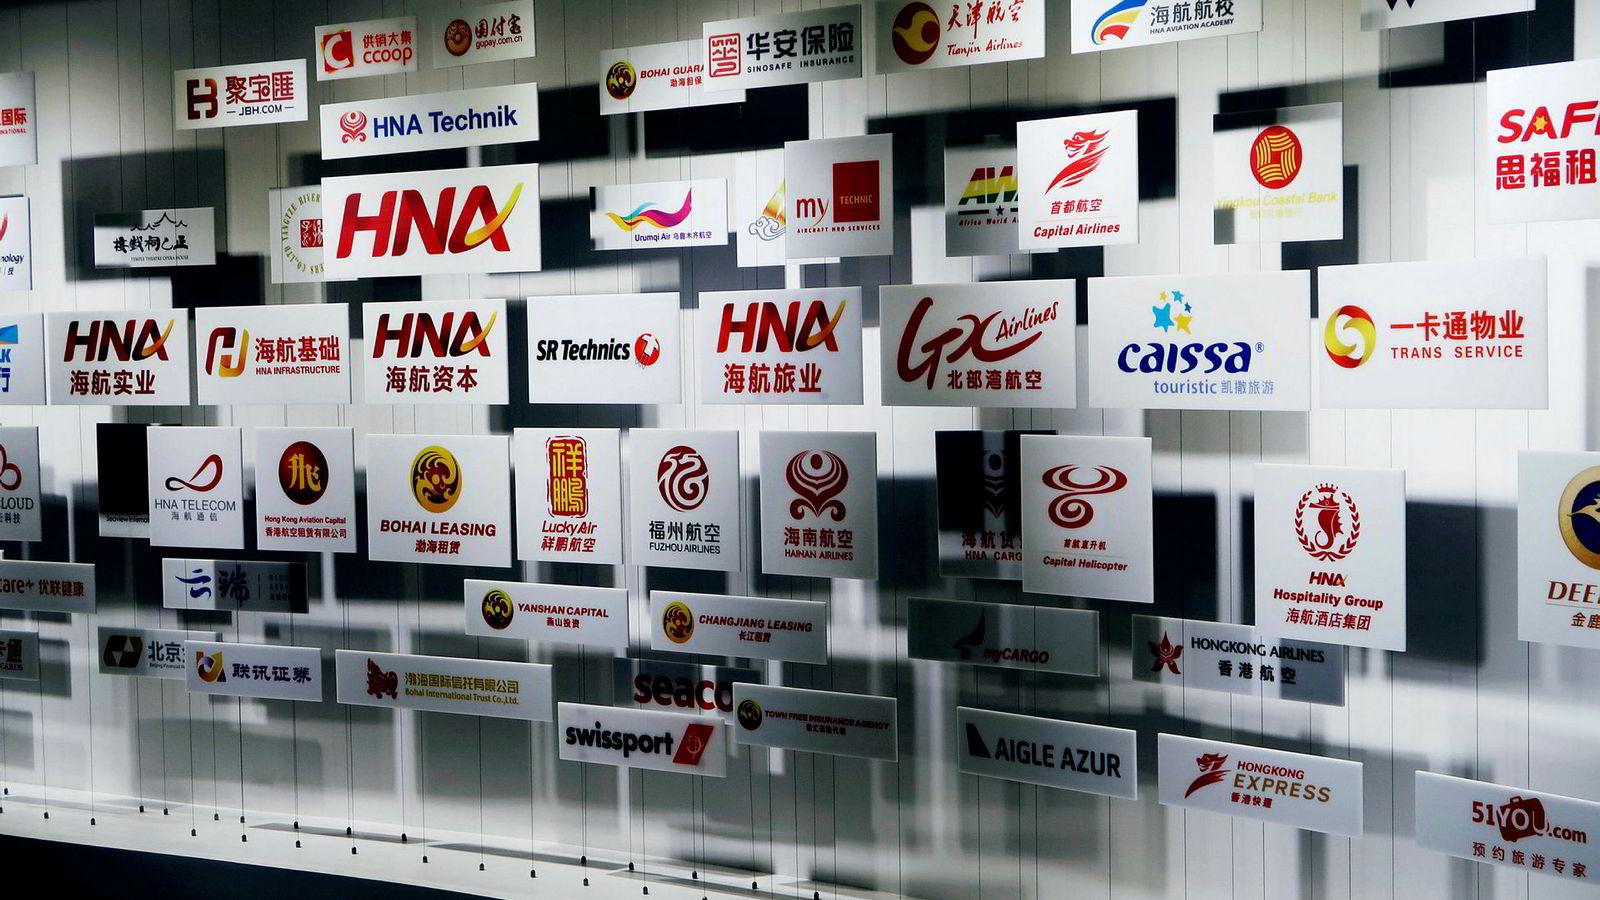 På midten av 1990-tallet kom en ellevill internasjonal oppkjøpsbølge via HNA Group. Her er en samling av logoer ved selskapets museum ved hovedkontoret i Beijing.